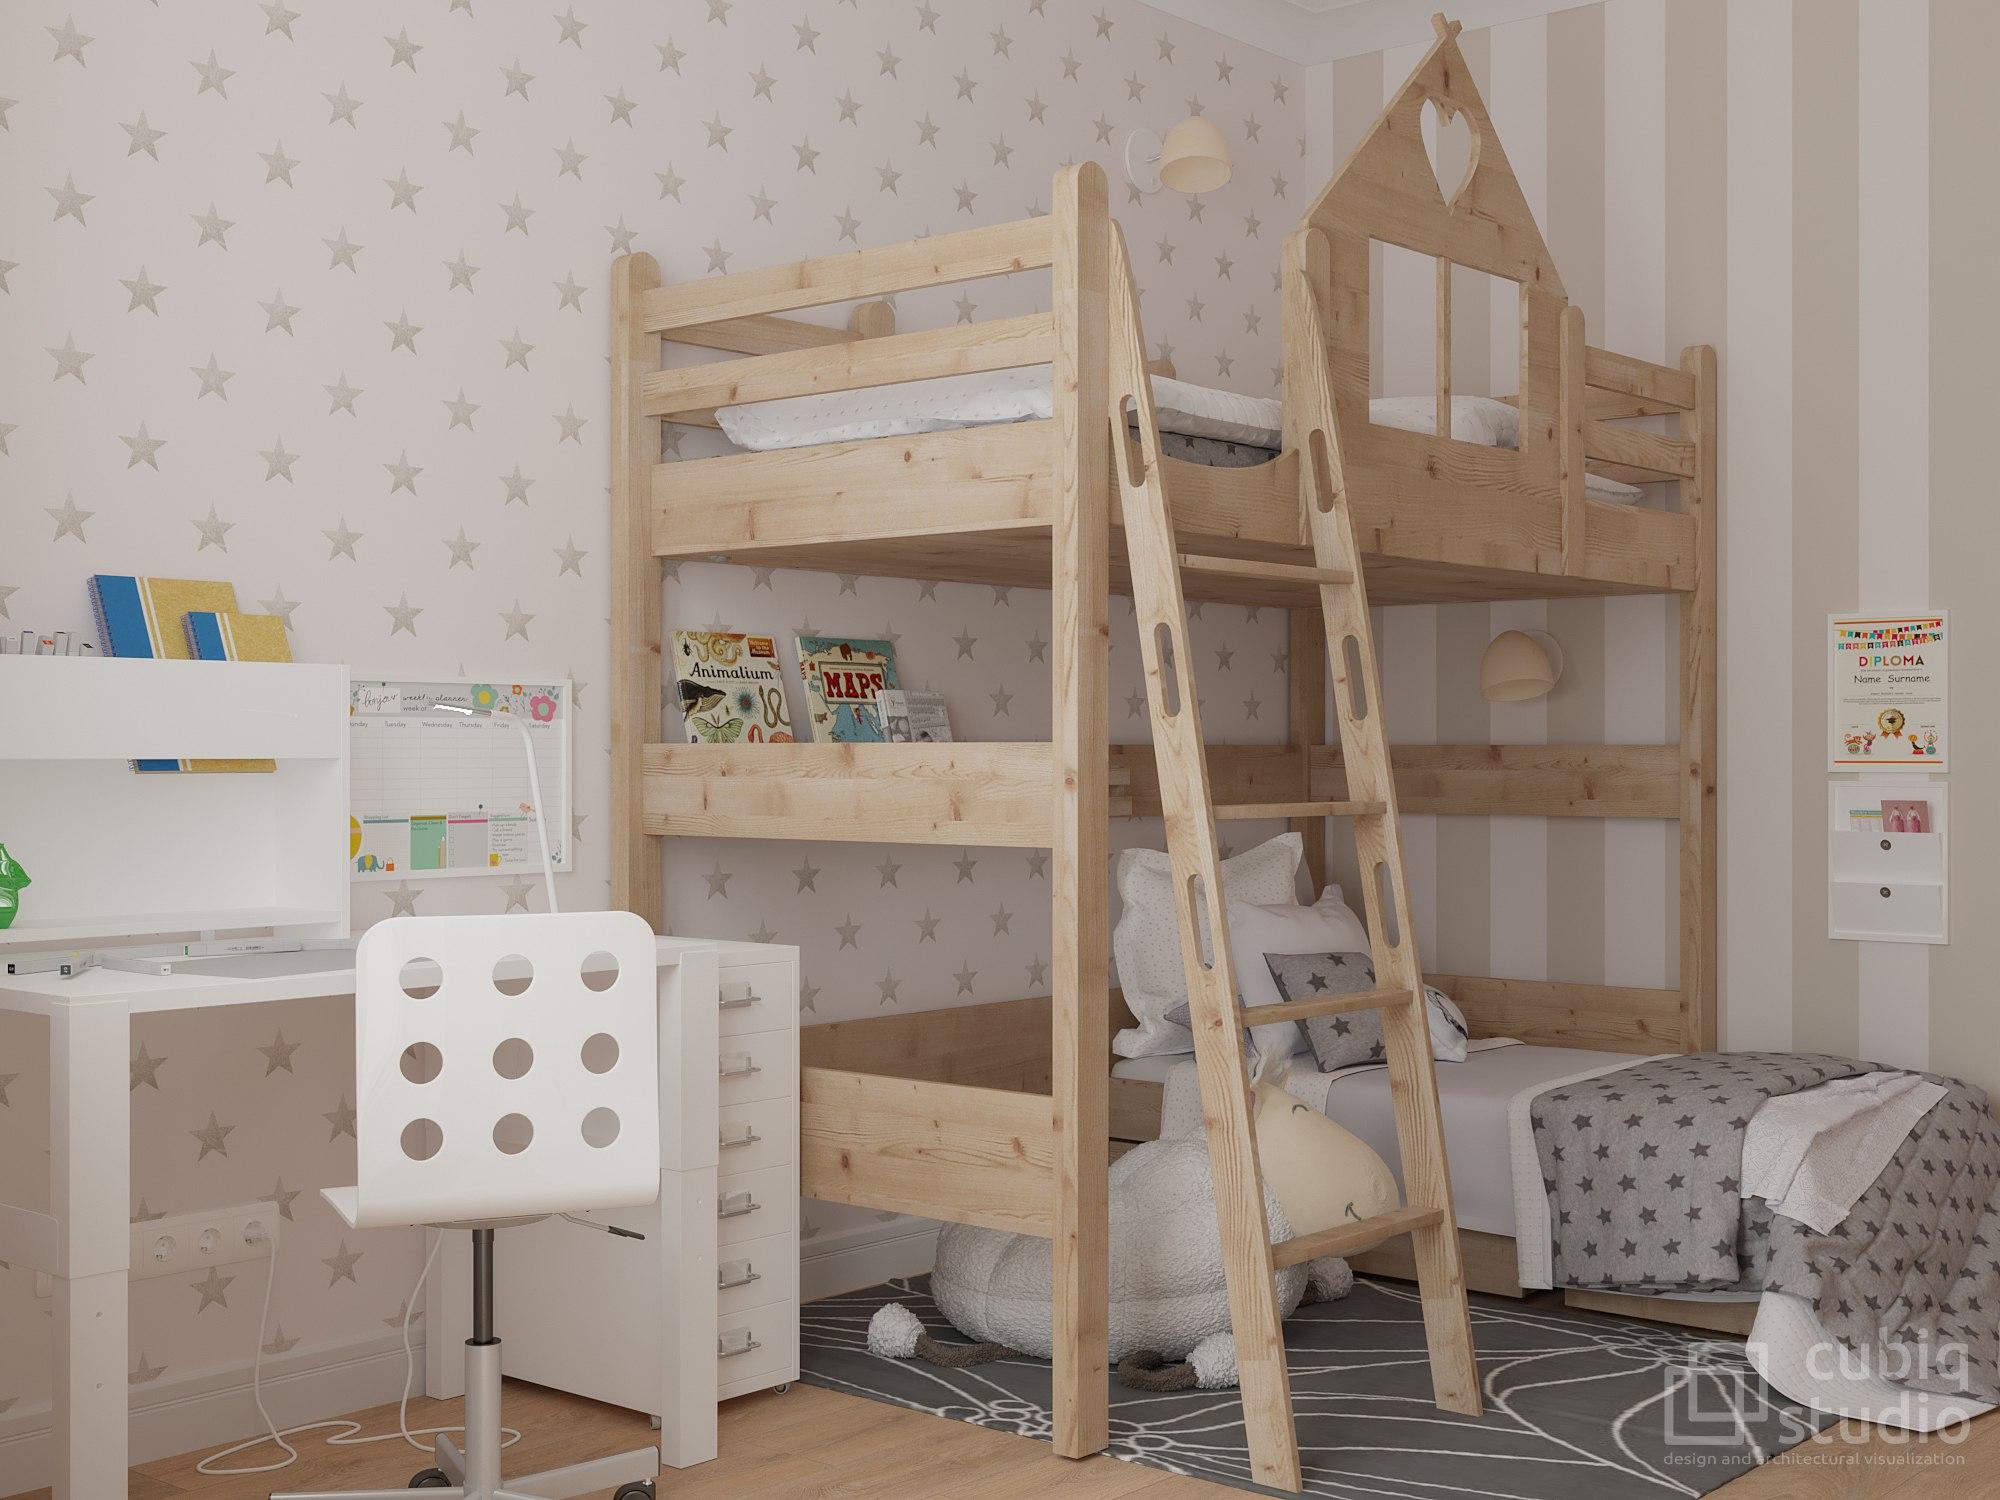 Продолжение проекта квартиры 35 м с кухней-гостиной-спальней и отдельной детской.